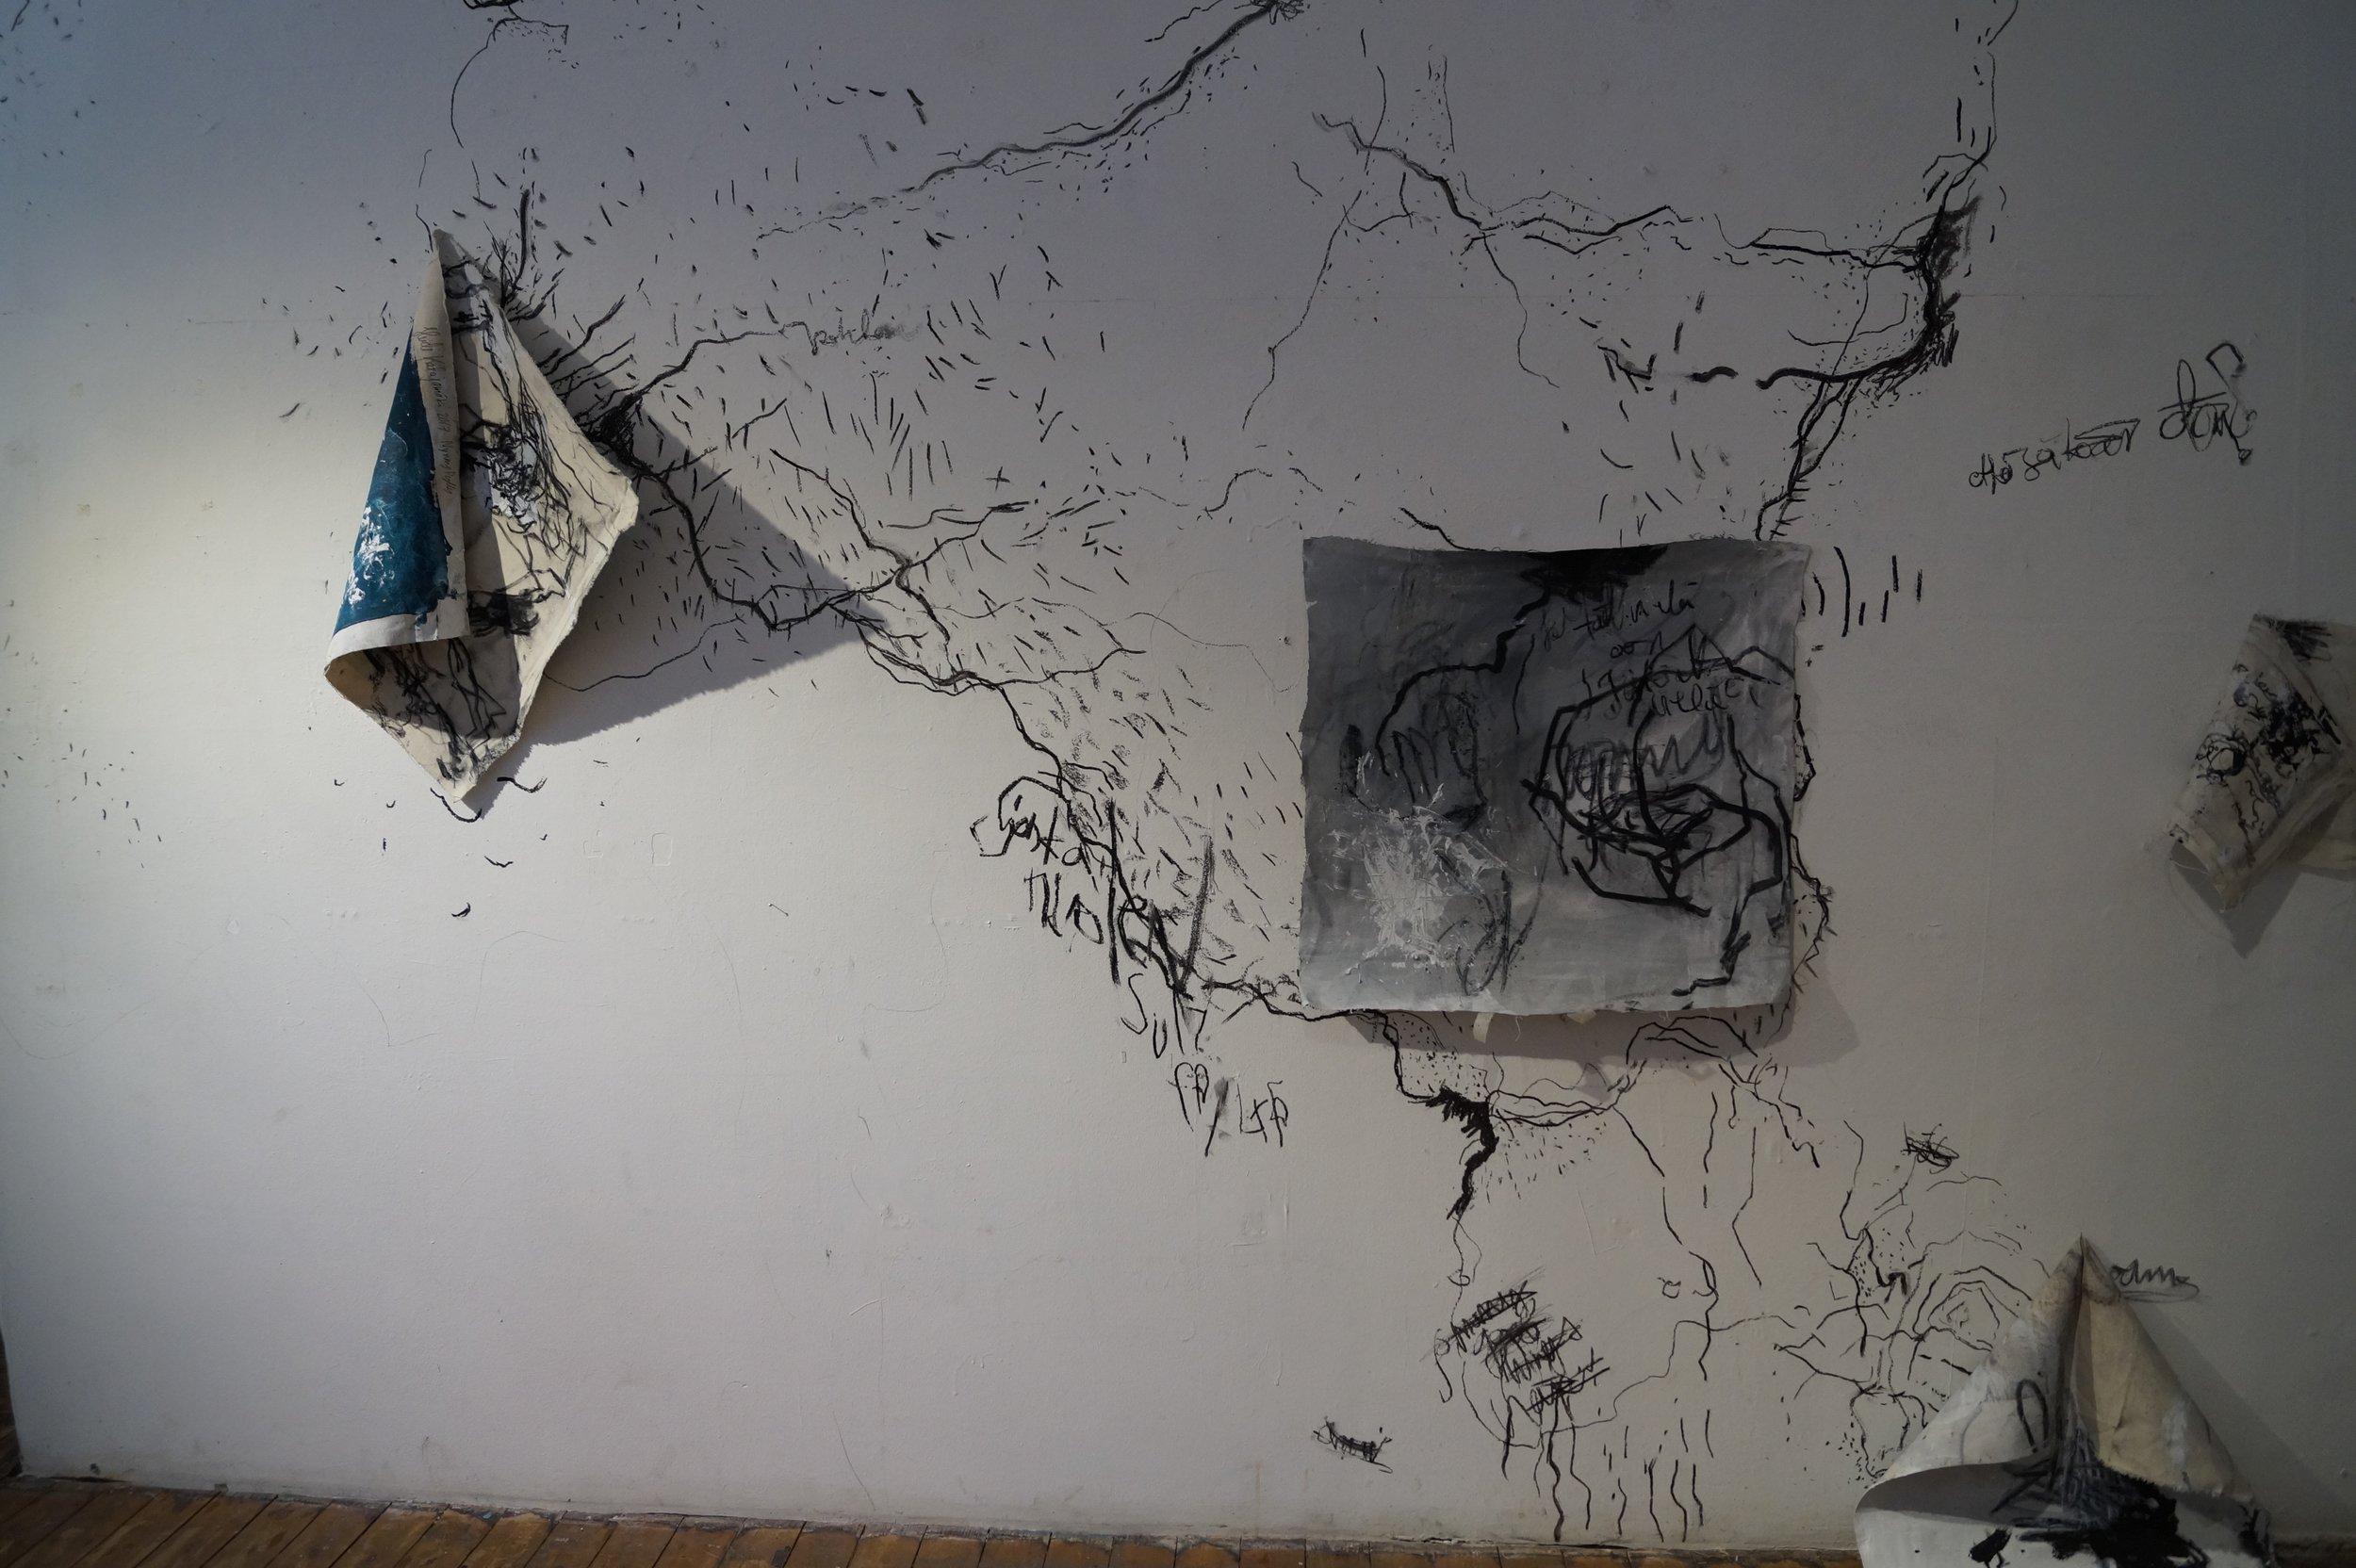 Heidi Katajamäen näyttelystä Nynny Pylly Myymälä 2 -galleriasta vuodenvaihteesta 2017-18.